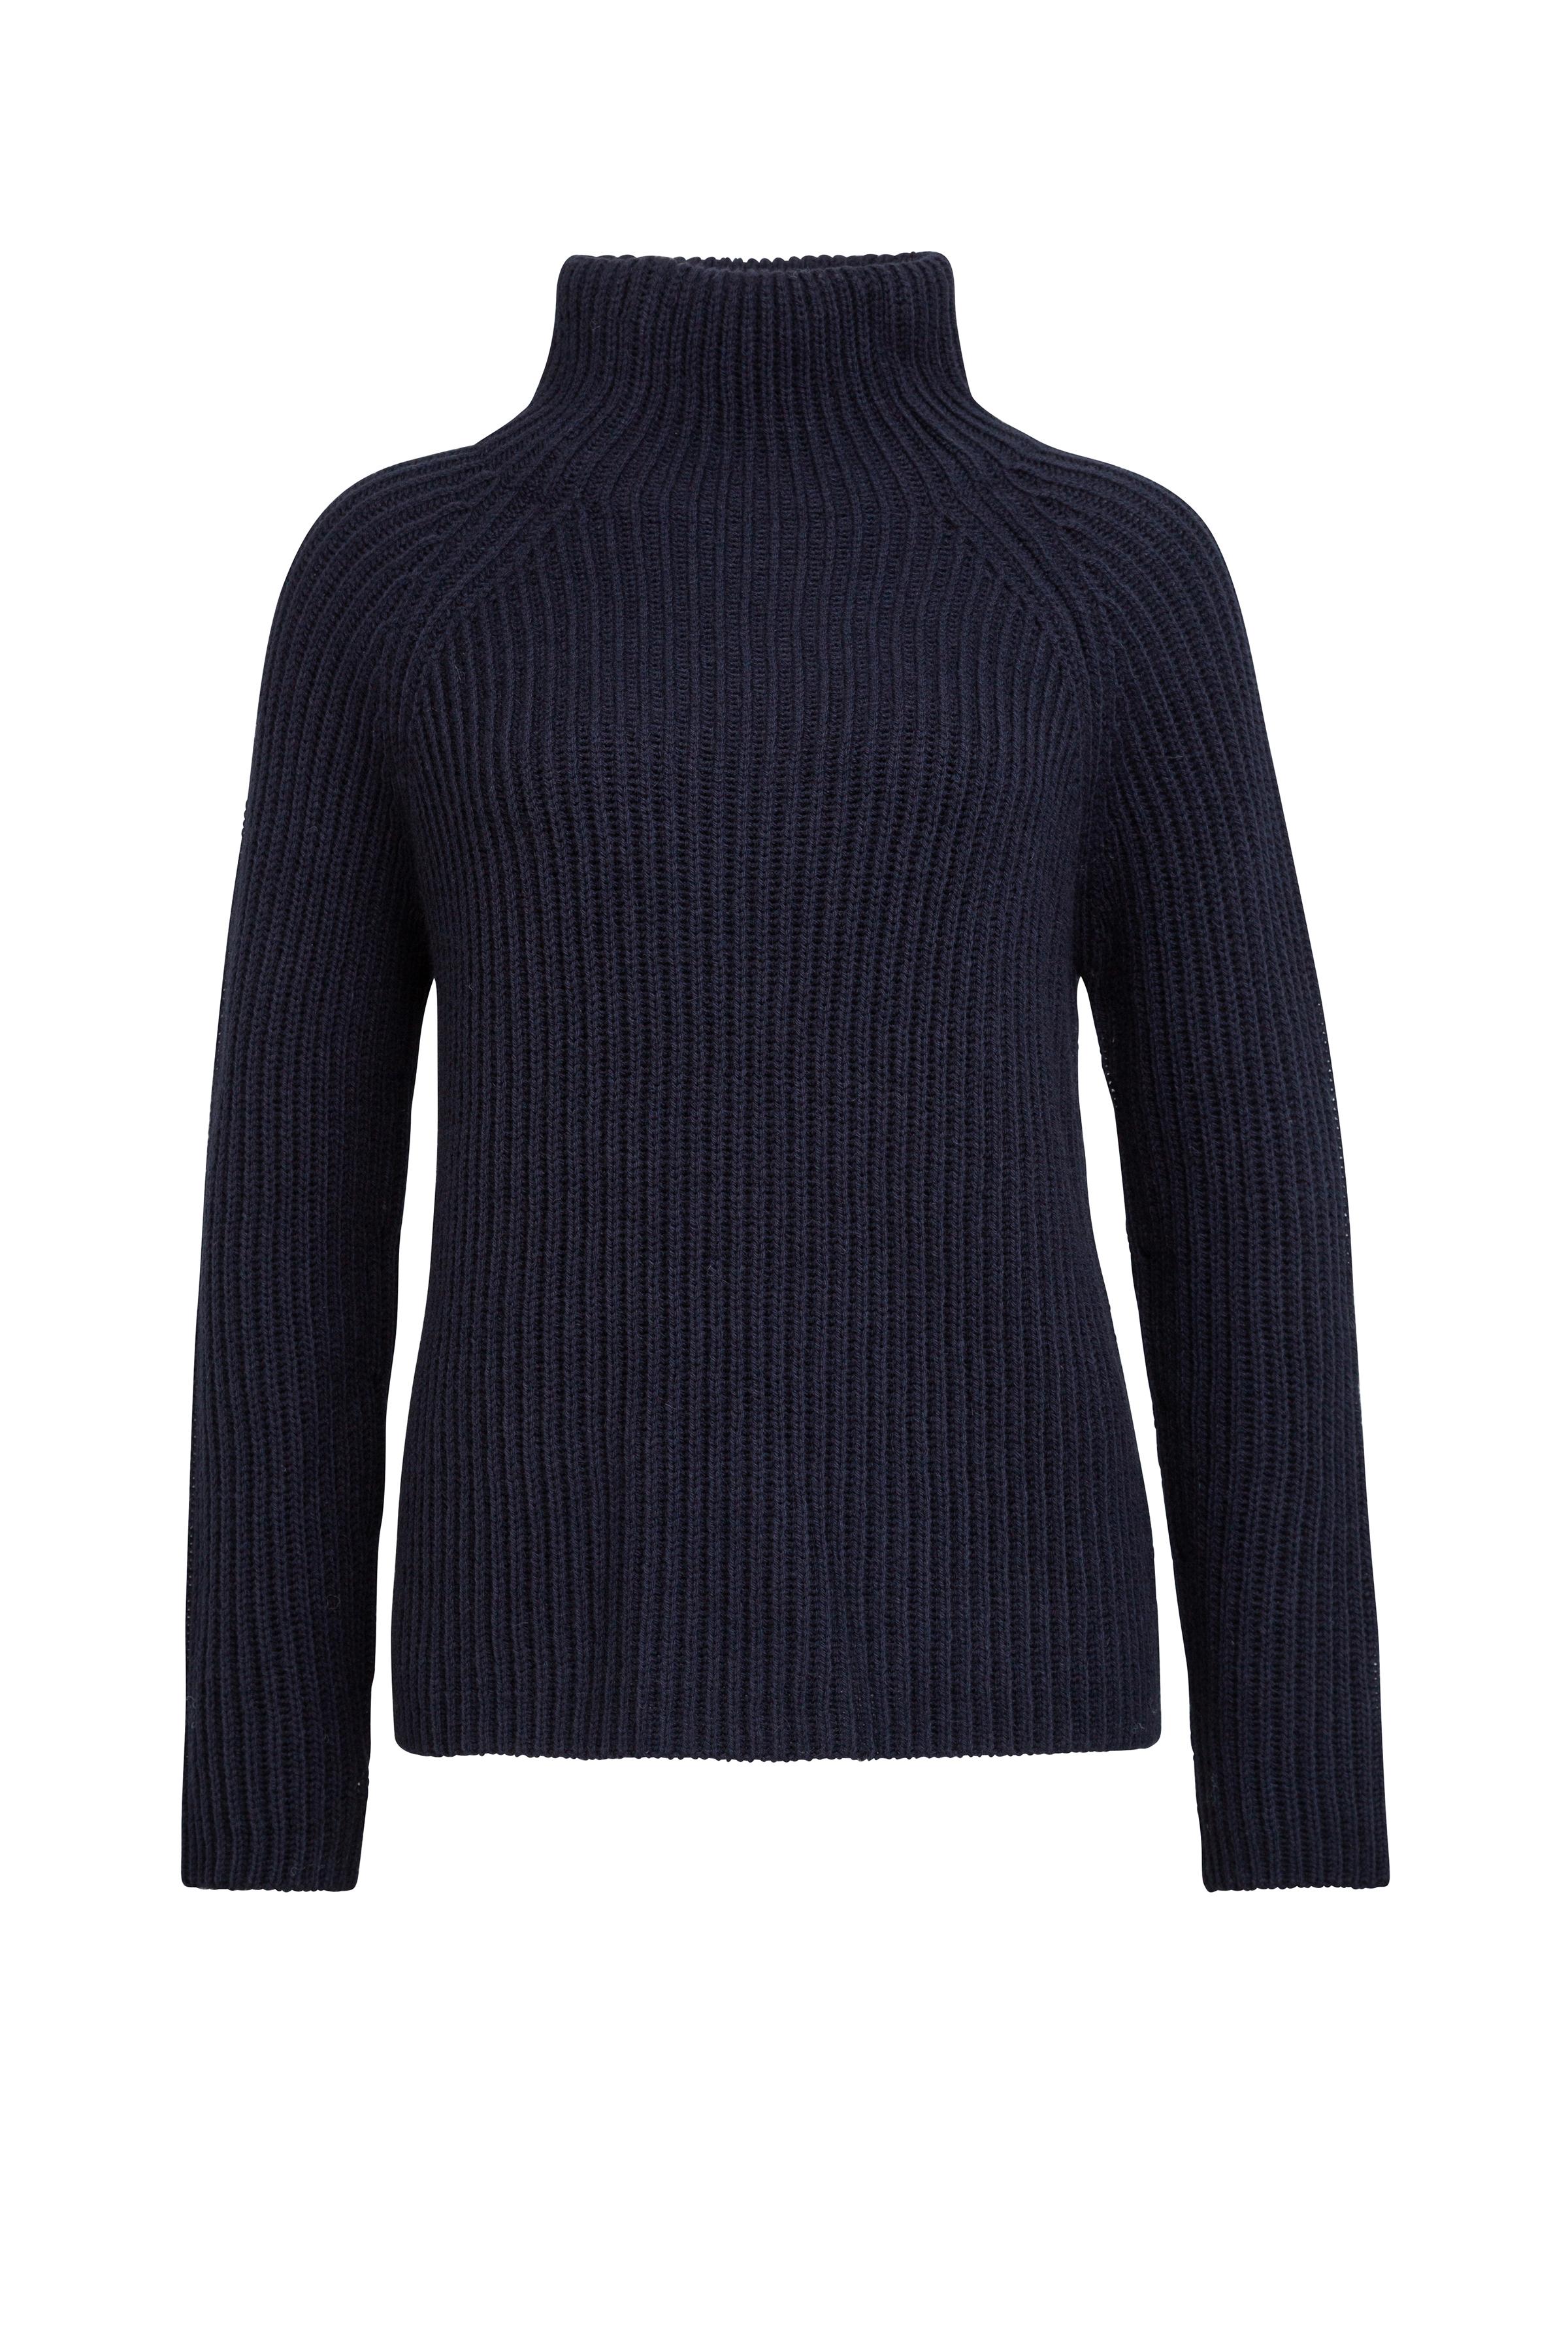 ARWEN Pullover Drykorn